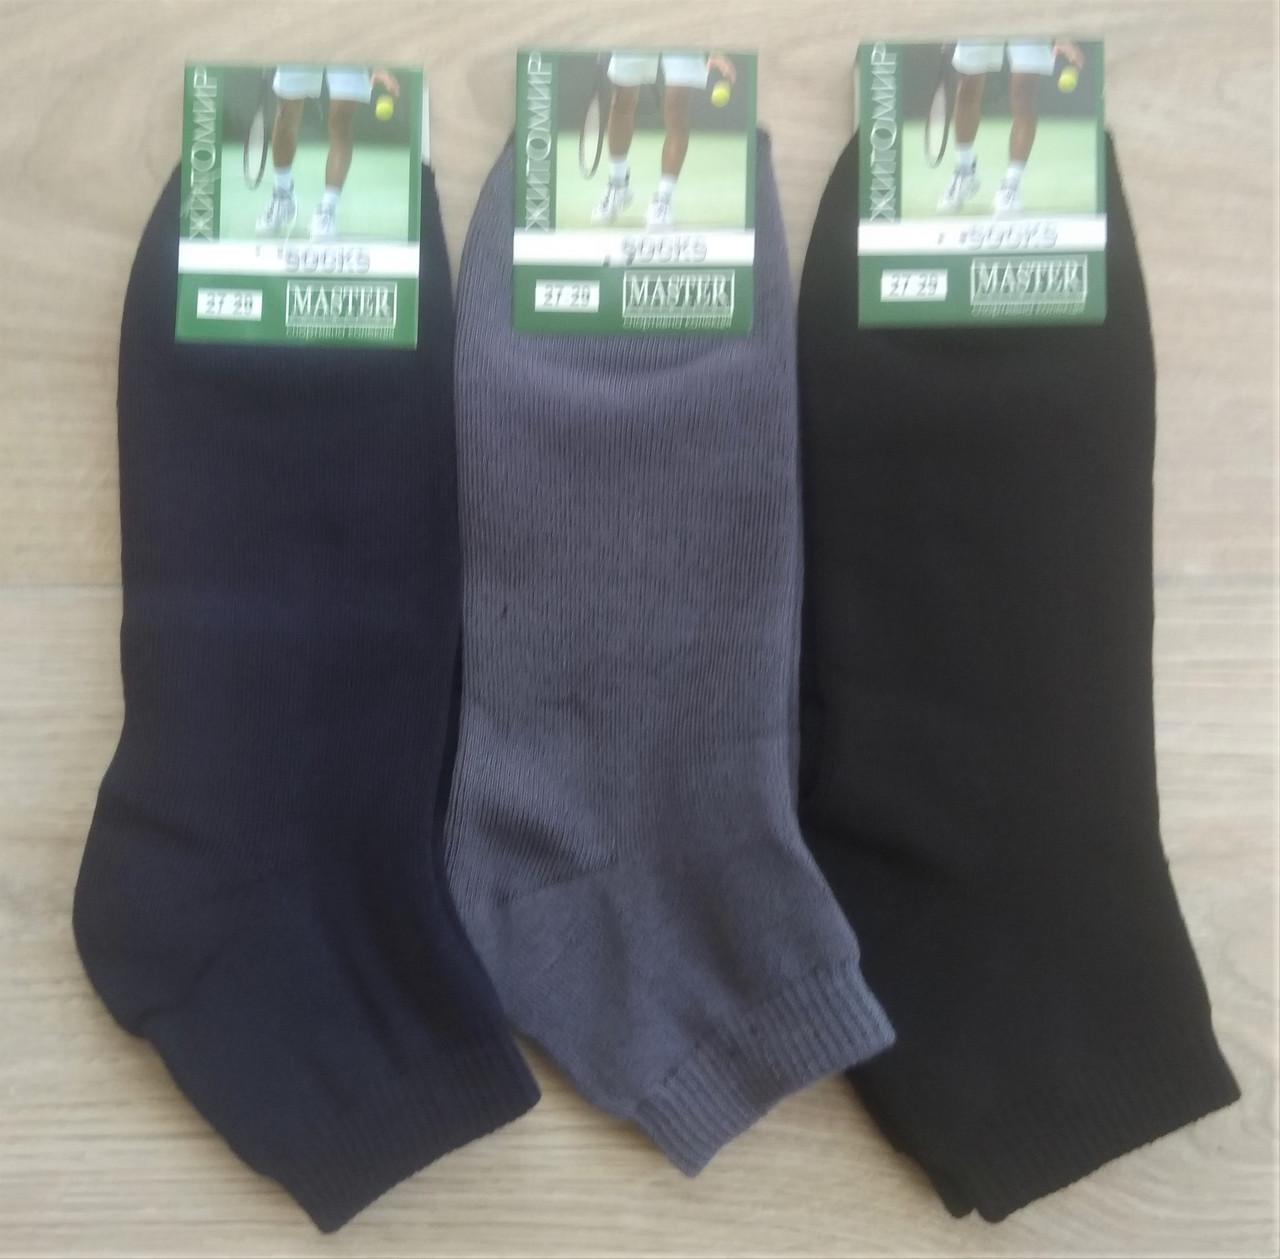 Чоловічі шкарпетки Master бавовна утеплені 27-29 різнокольорові 12шт